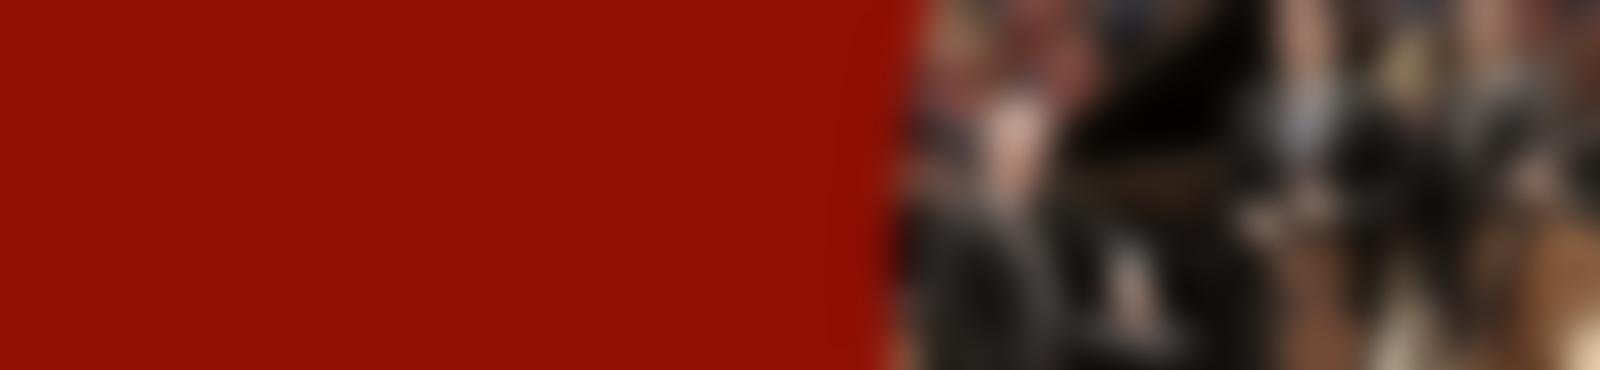 Blurred 755f1c70 af9f 4abf ac34 30fdcad1ff47